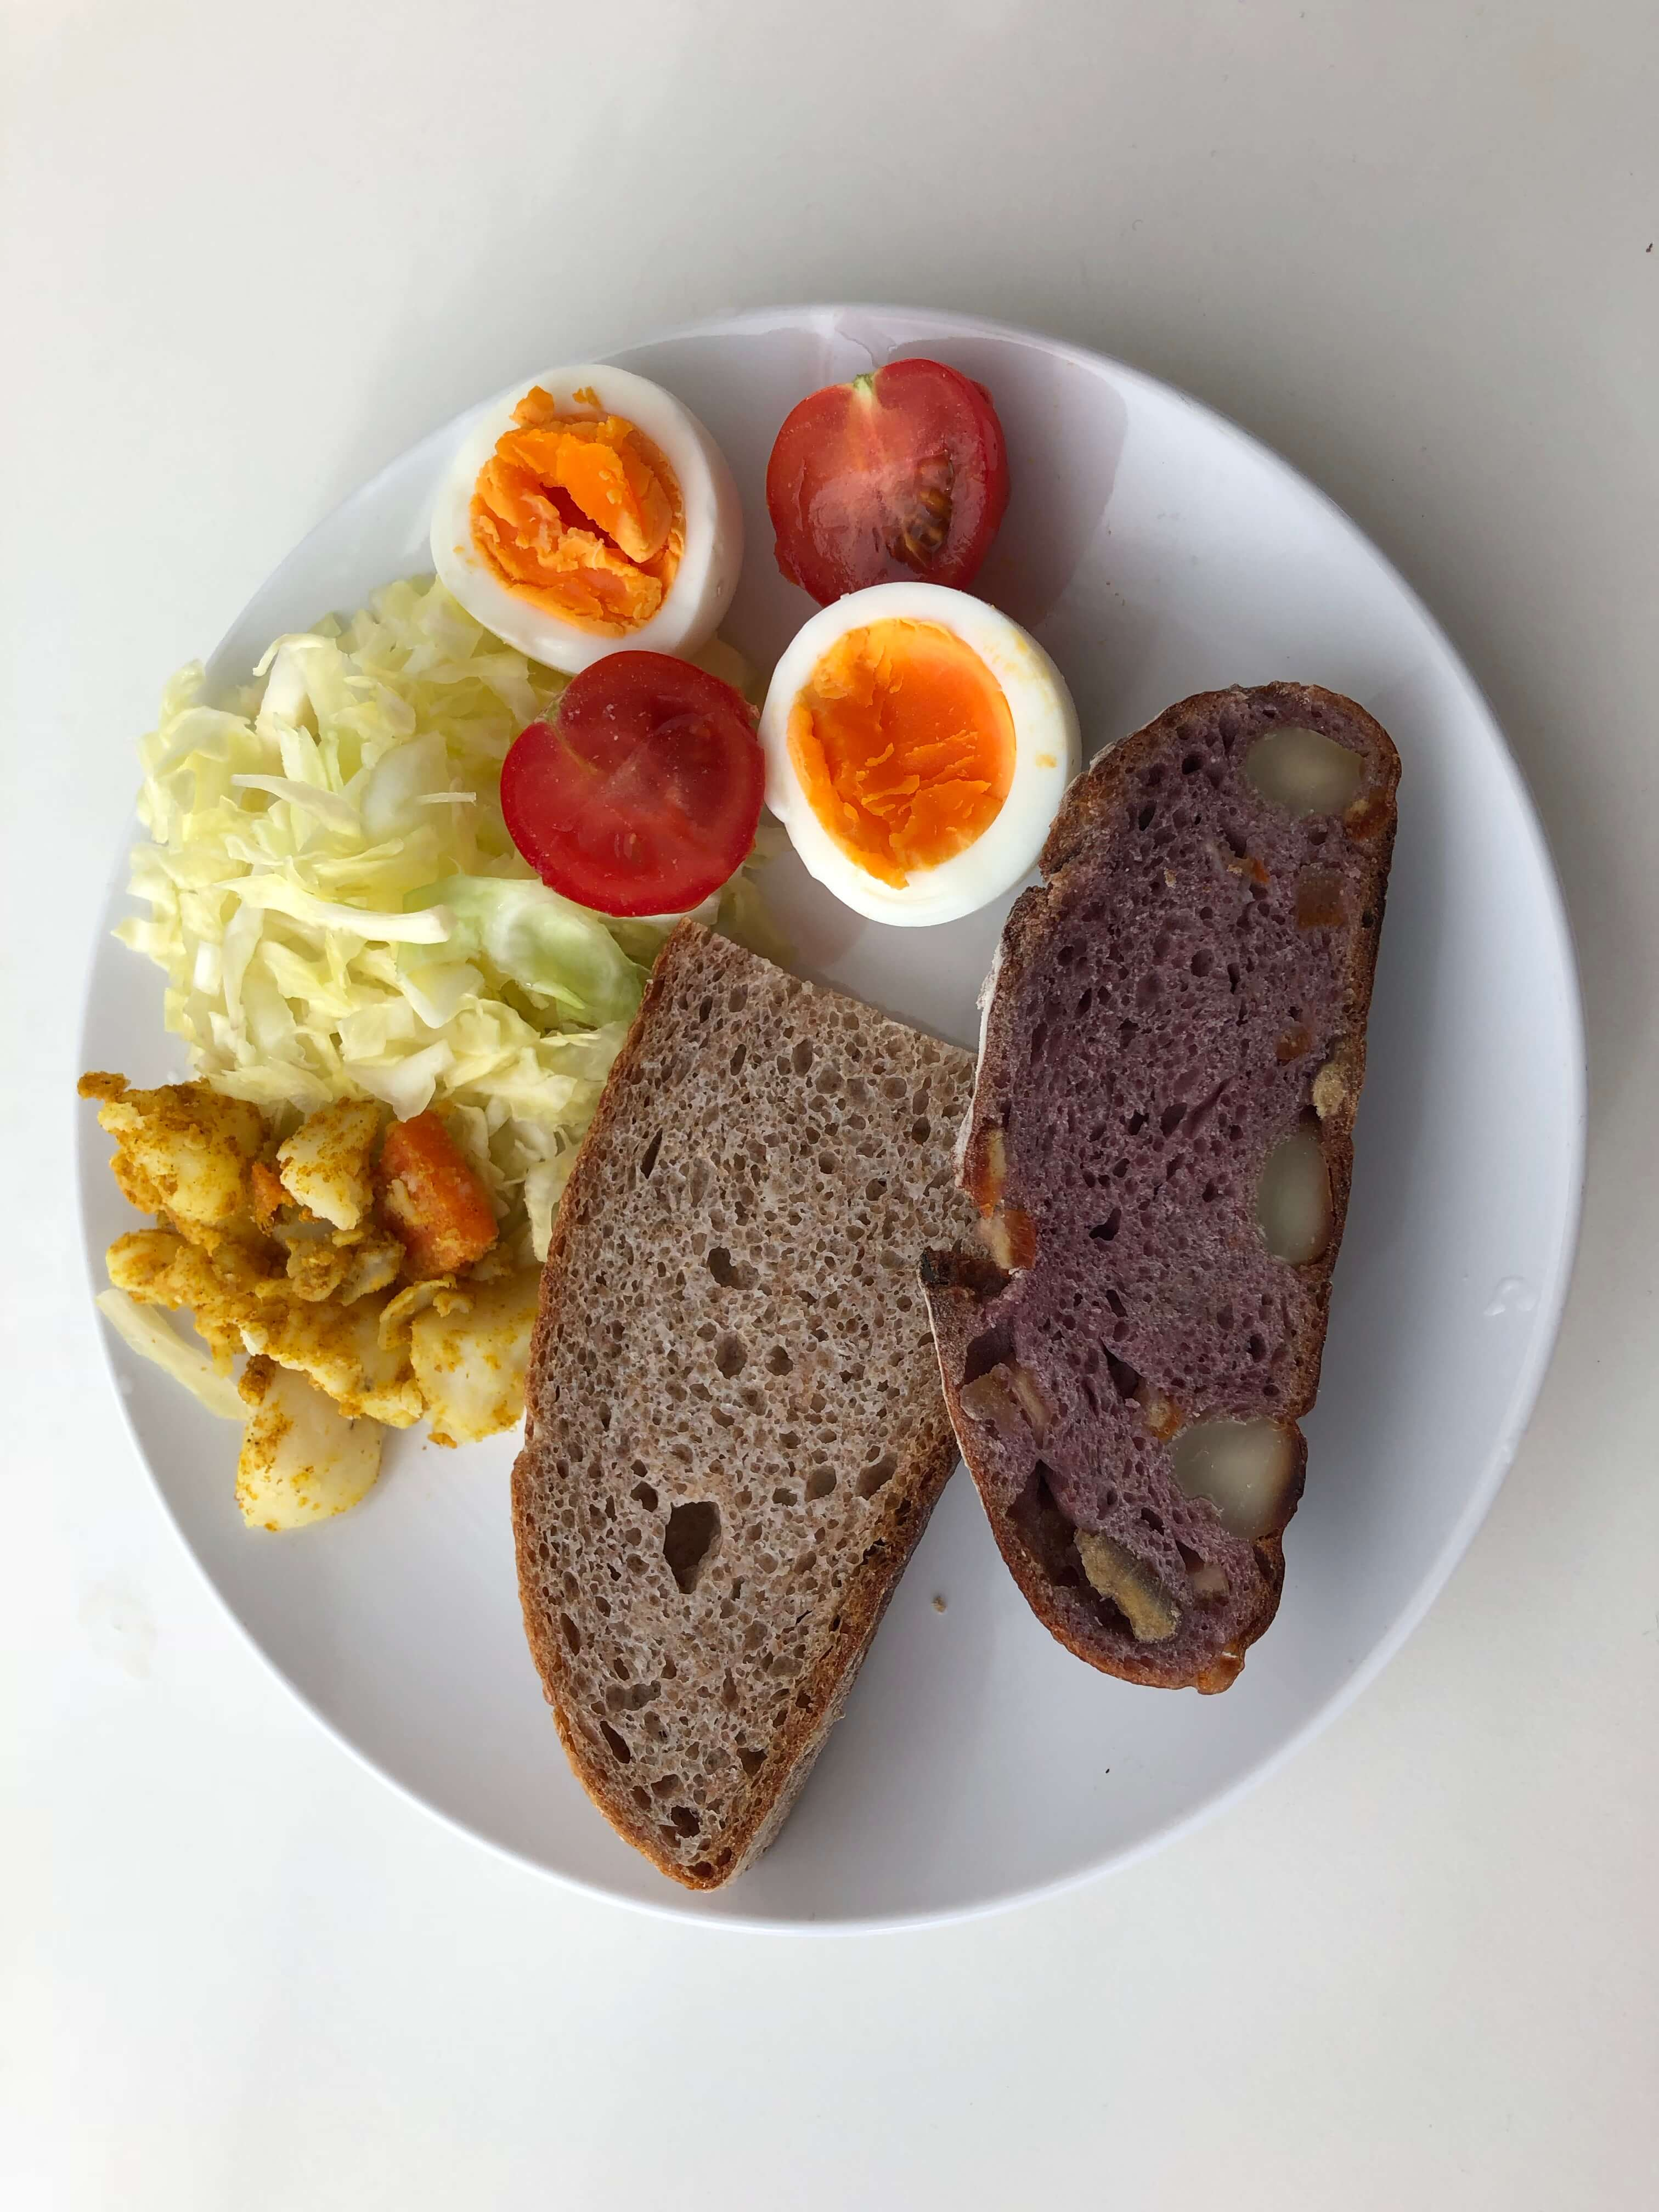 地中海式ダイエット中の朝食メニュー